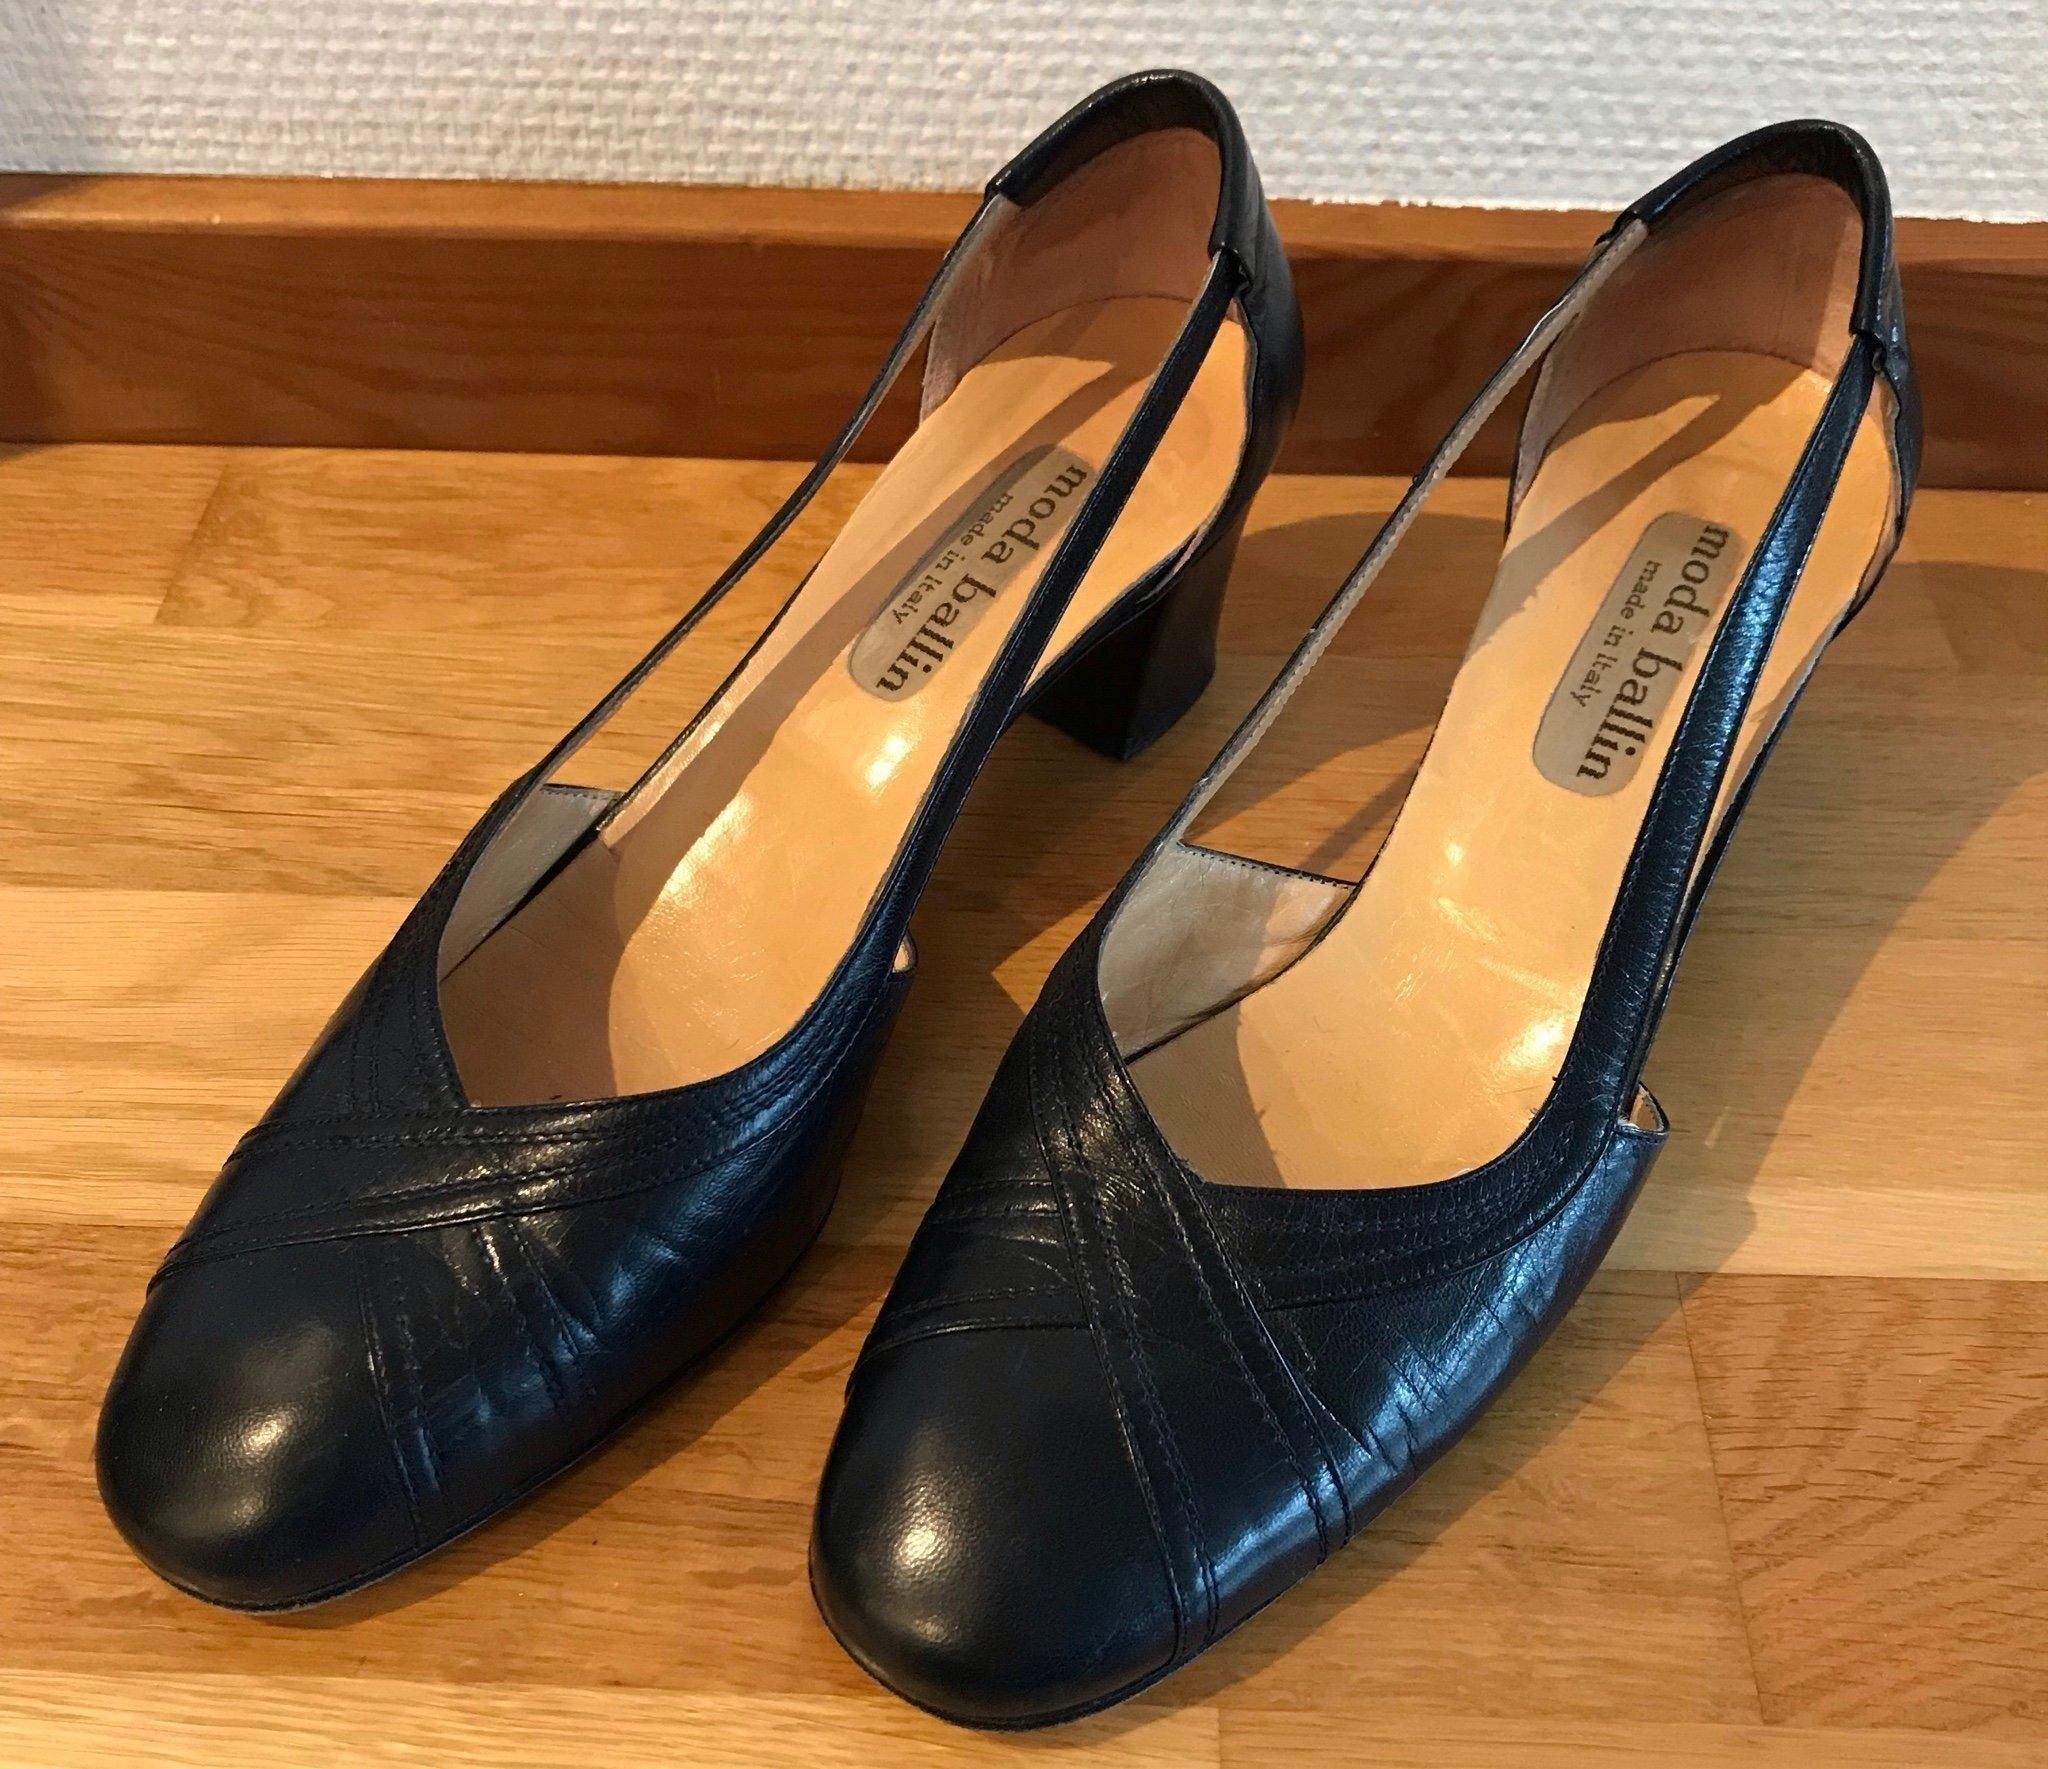 Vintage Italienska skor med klack, blått läder,.. (352140743